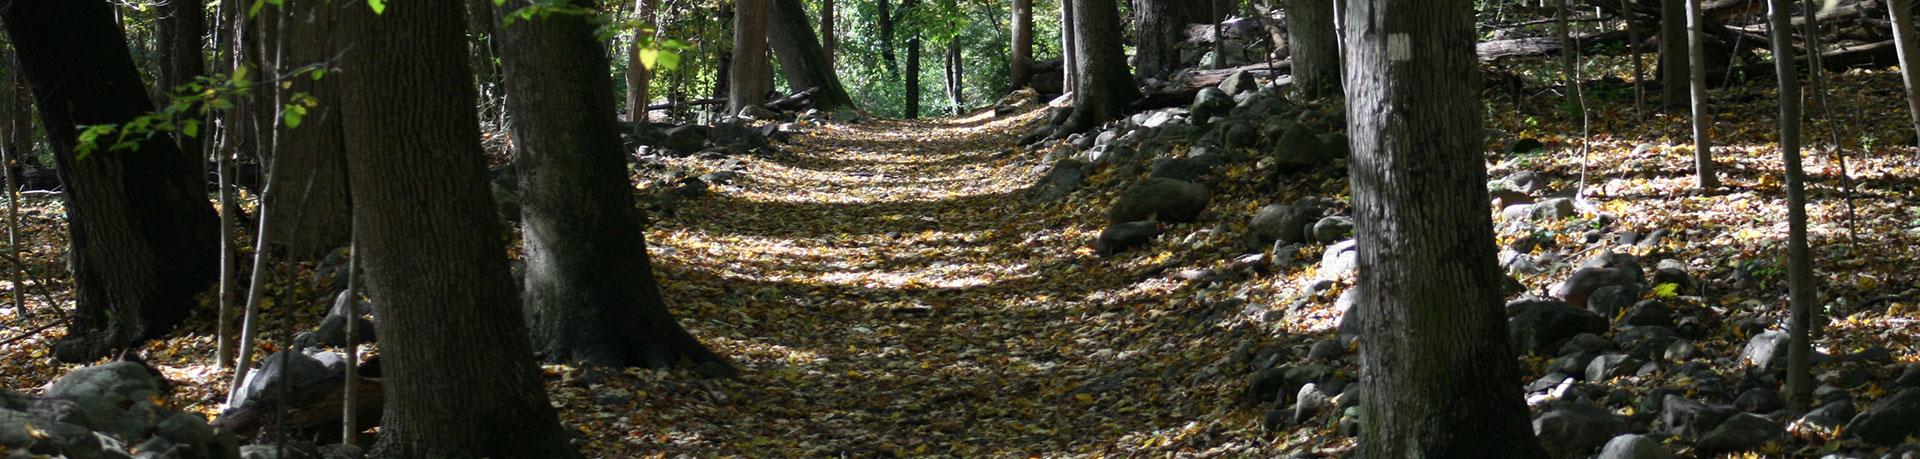 muskoka-trail-creation.min_